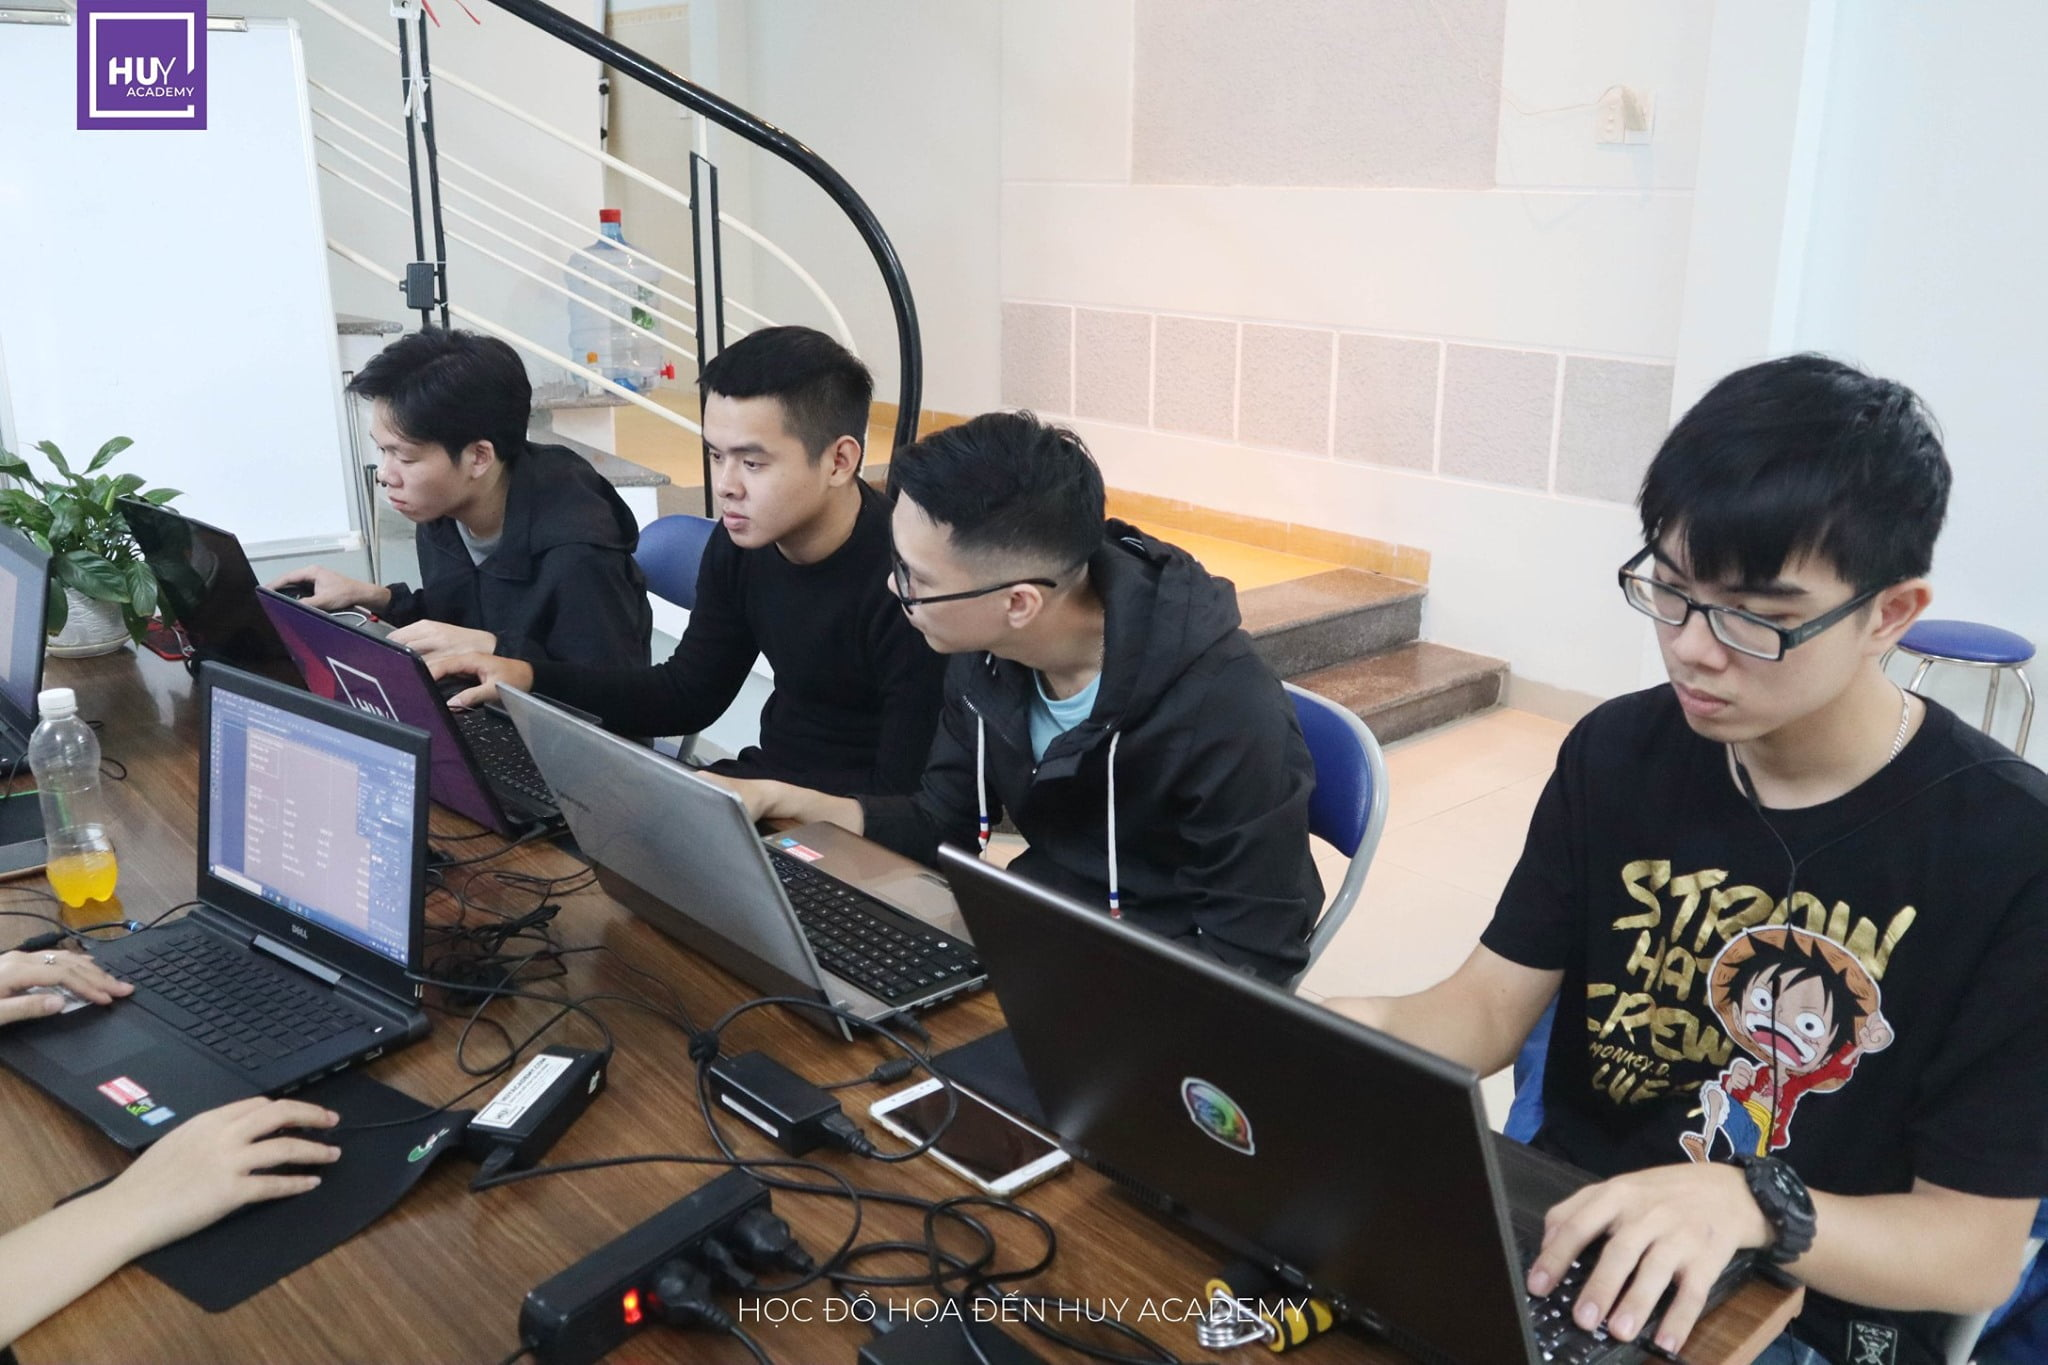 Học thiết kế đồ họa tại Đà Nẵng - Lớp nghề thiết kế (1)